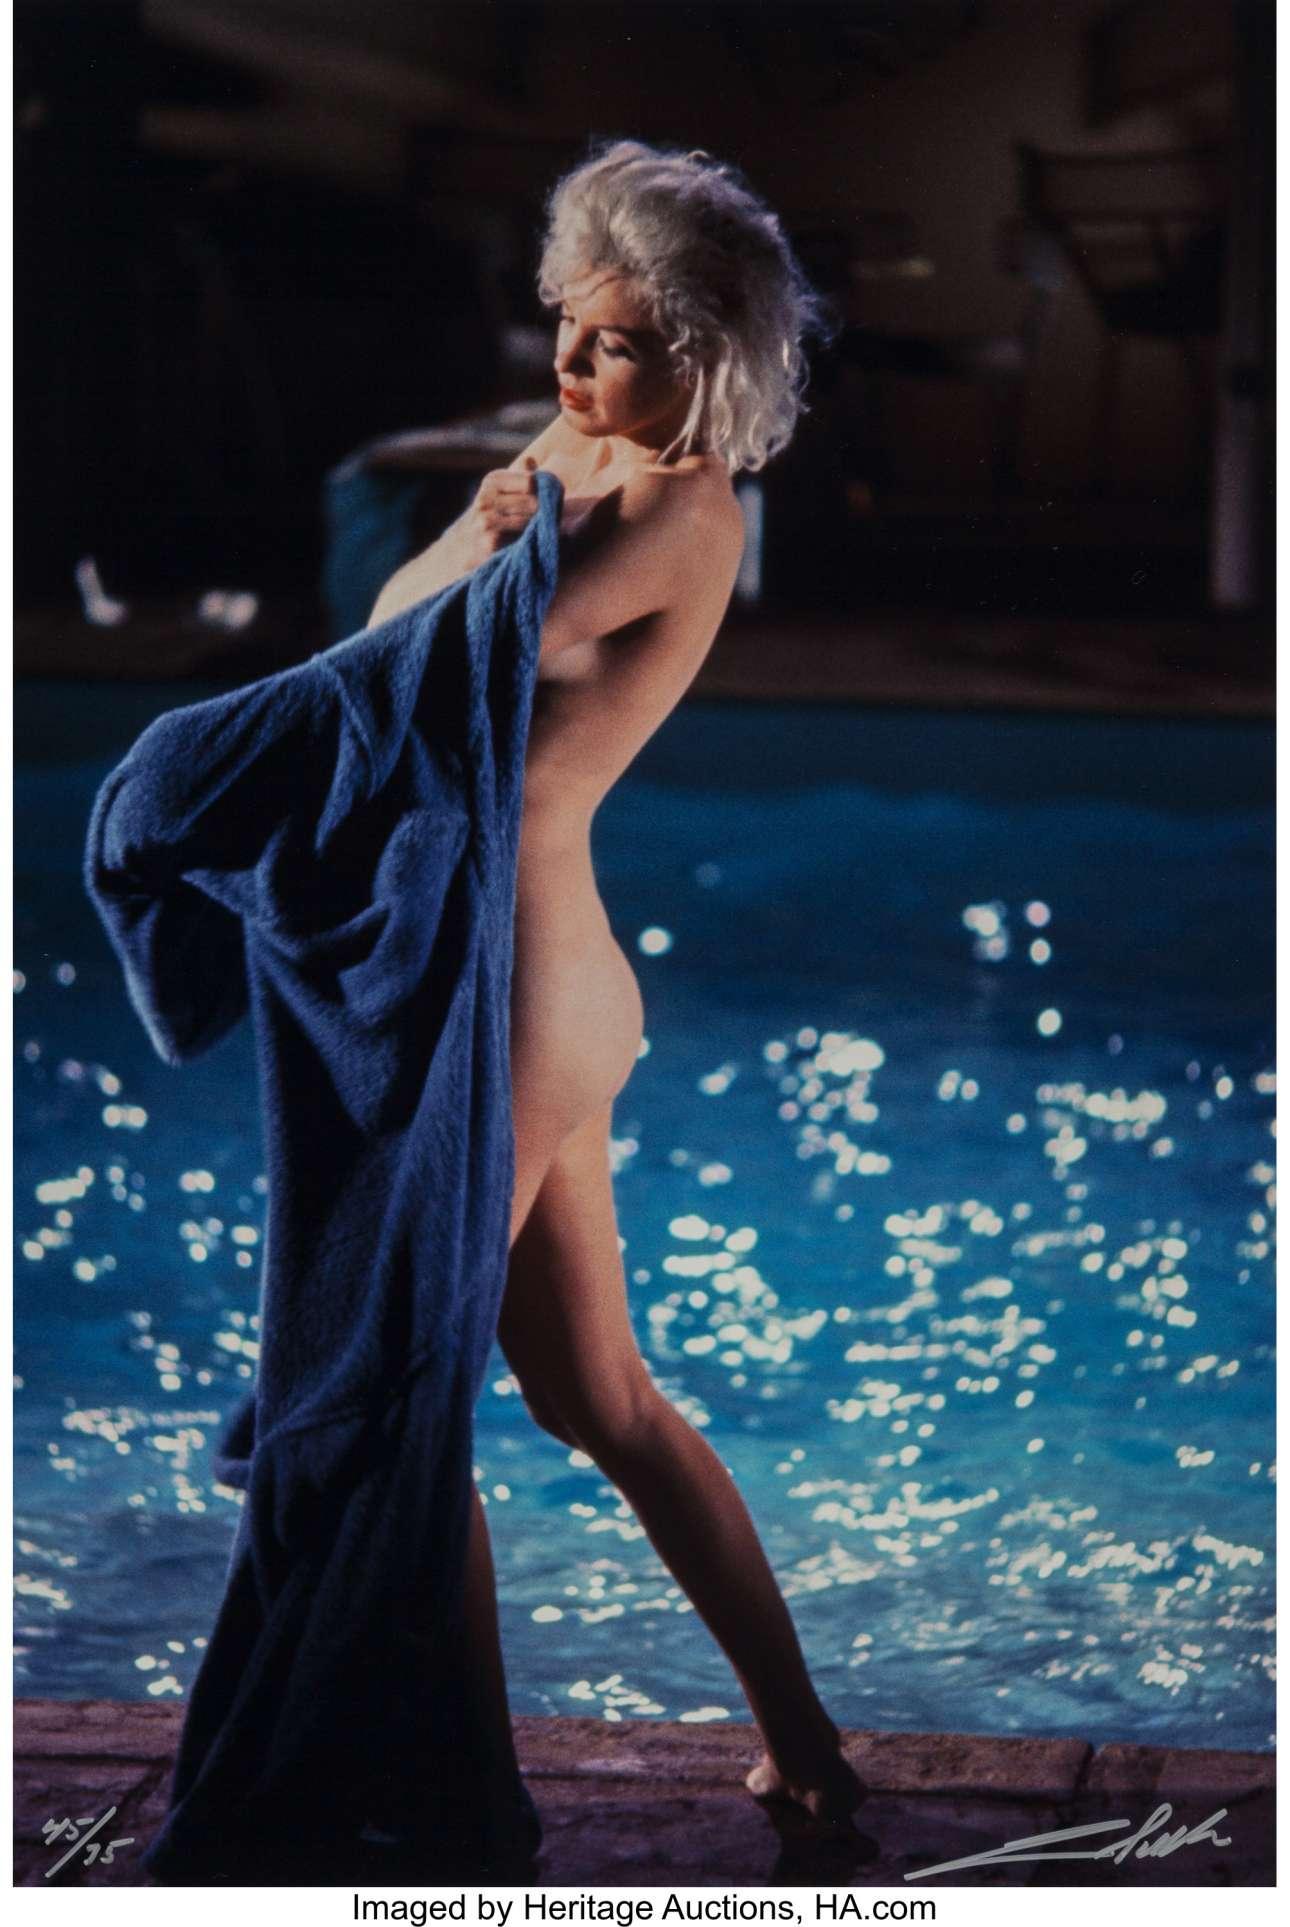 Το 1962, η  Μονρόε επέτρεψε στον νεαρό Σίλερ να την φωτογραφίσει γυμνή, κάτι που δεν είχε κάνει τα τελευταία δέκα χρόνια